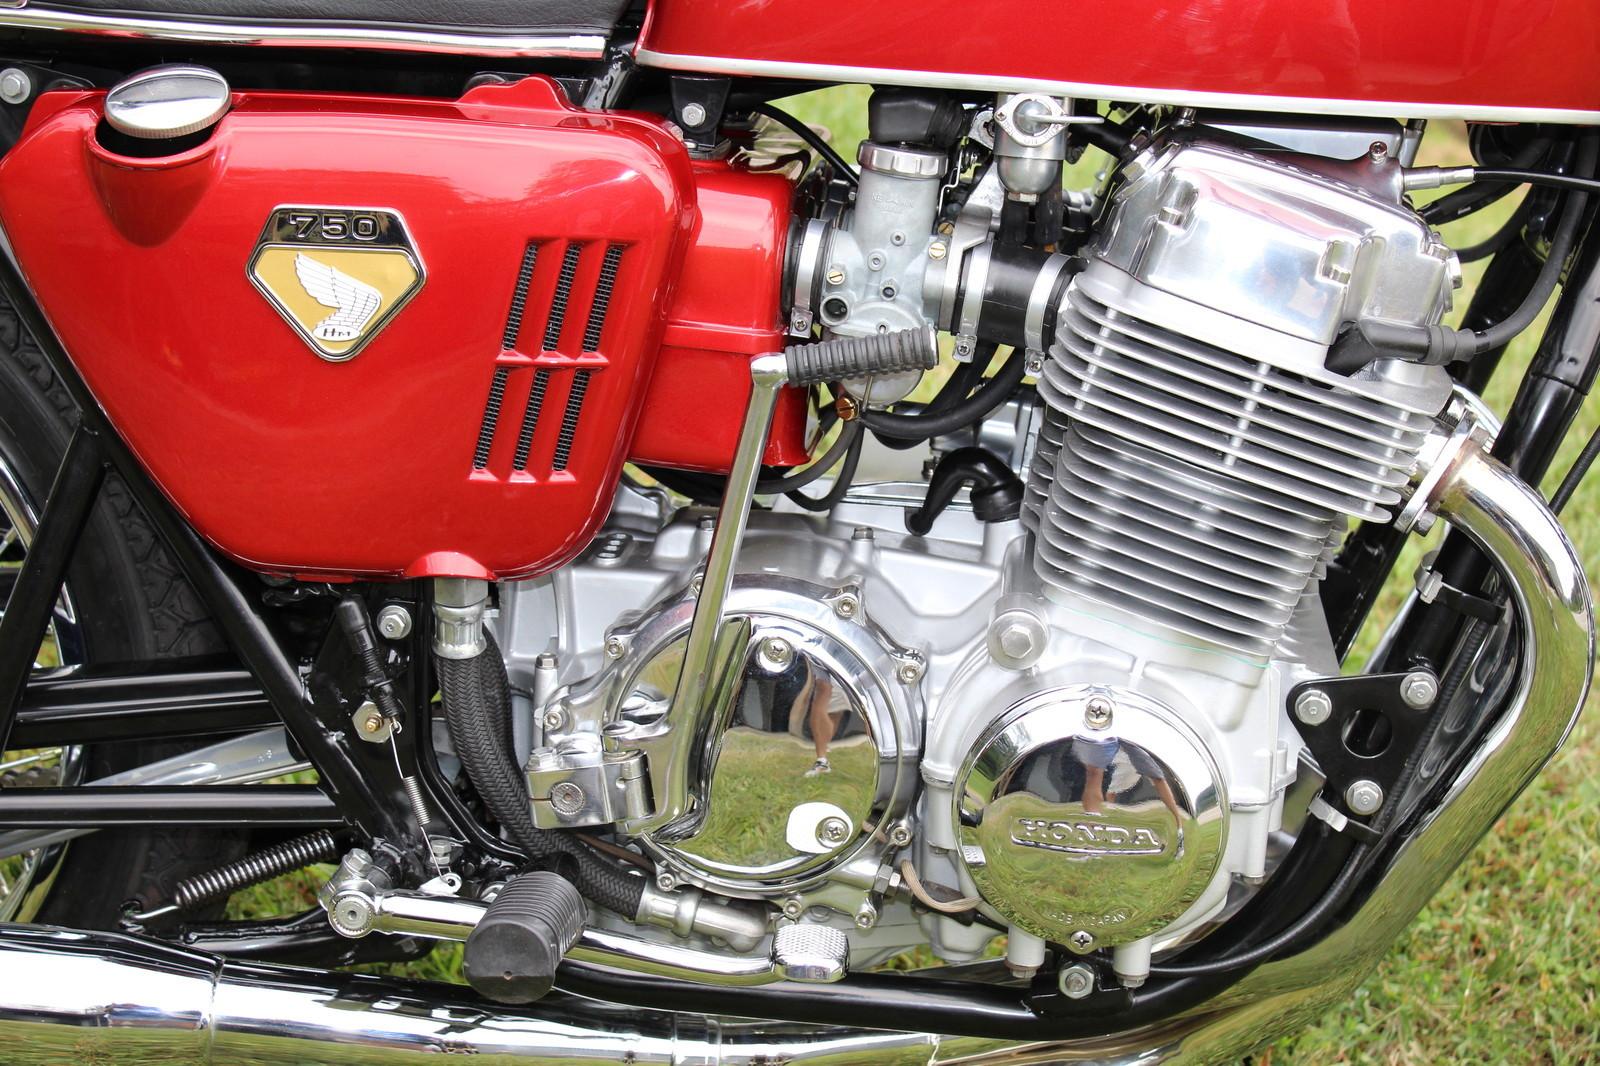 Honda CB750 - 1975